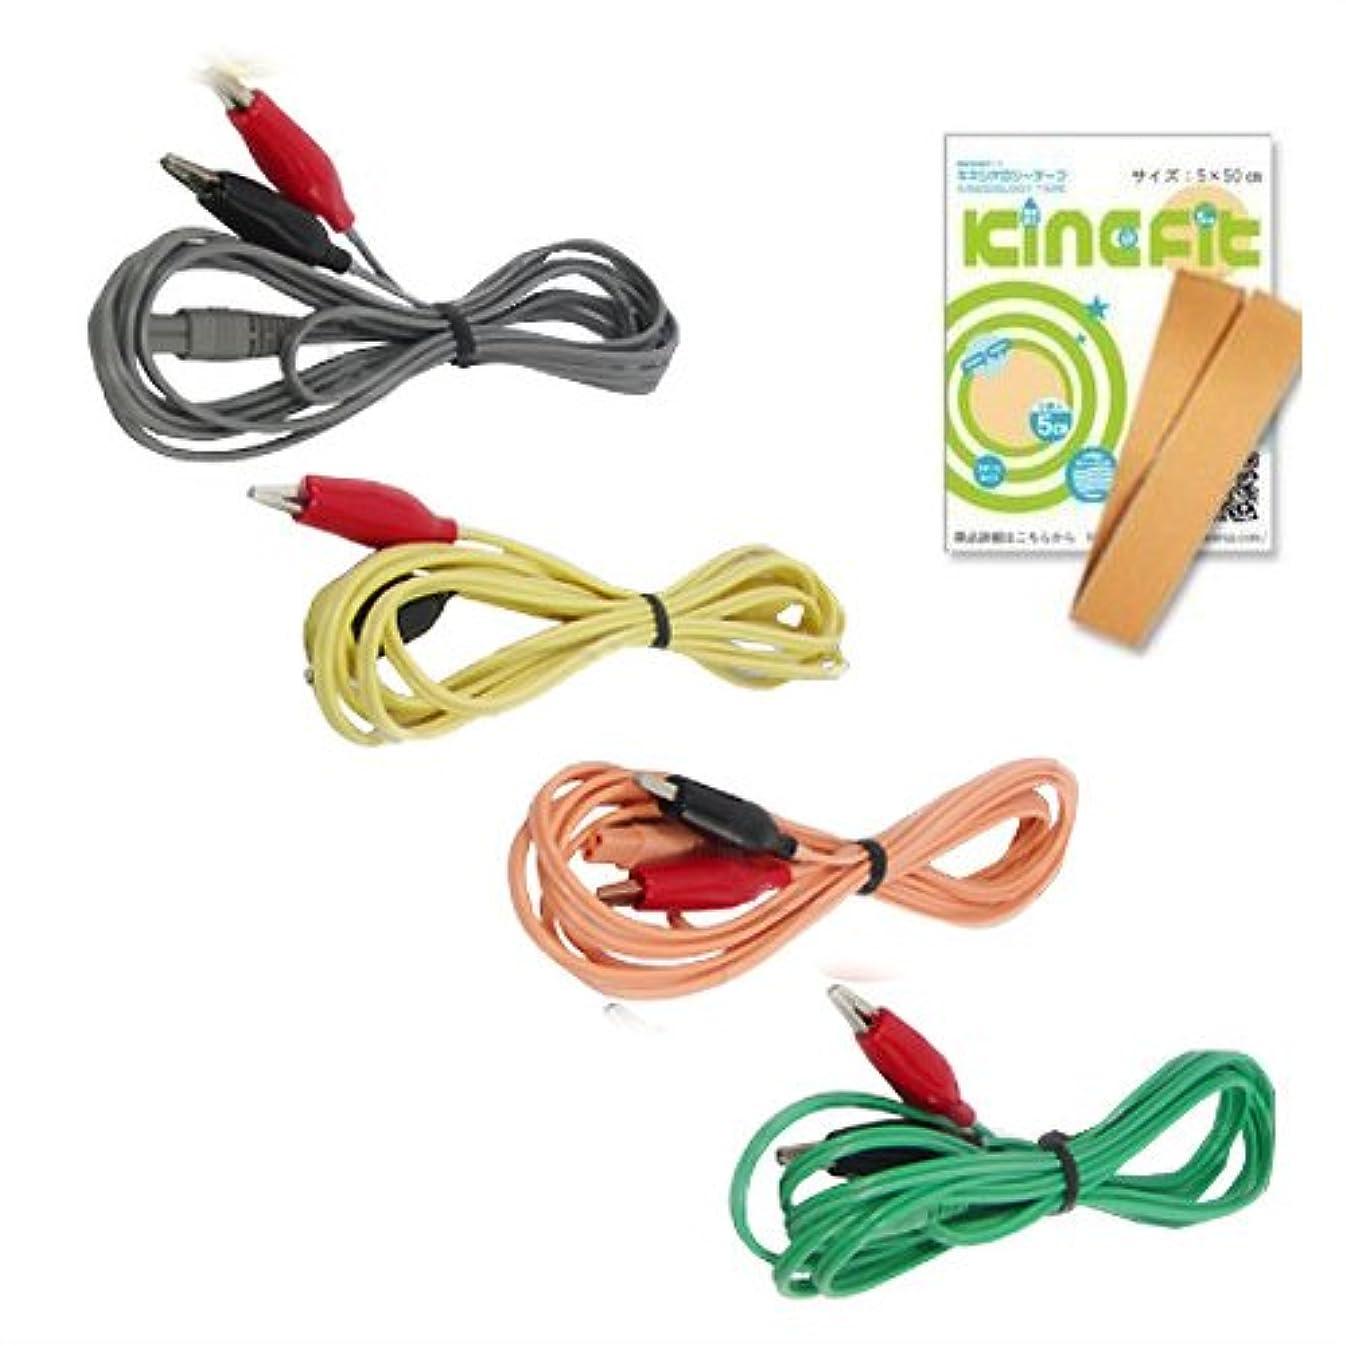 臭いハードオリエンタルラスパーエース(Lasper-A) 新通電コード 4色1組 KE-116D + キネフィットお試し用5cm×50cm付